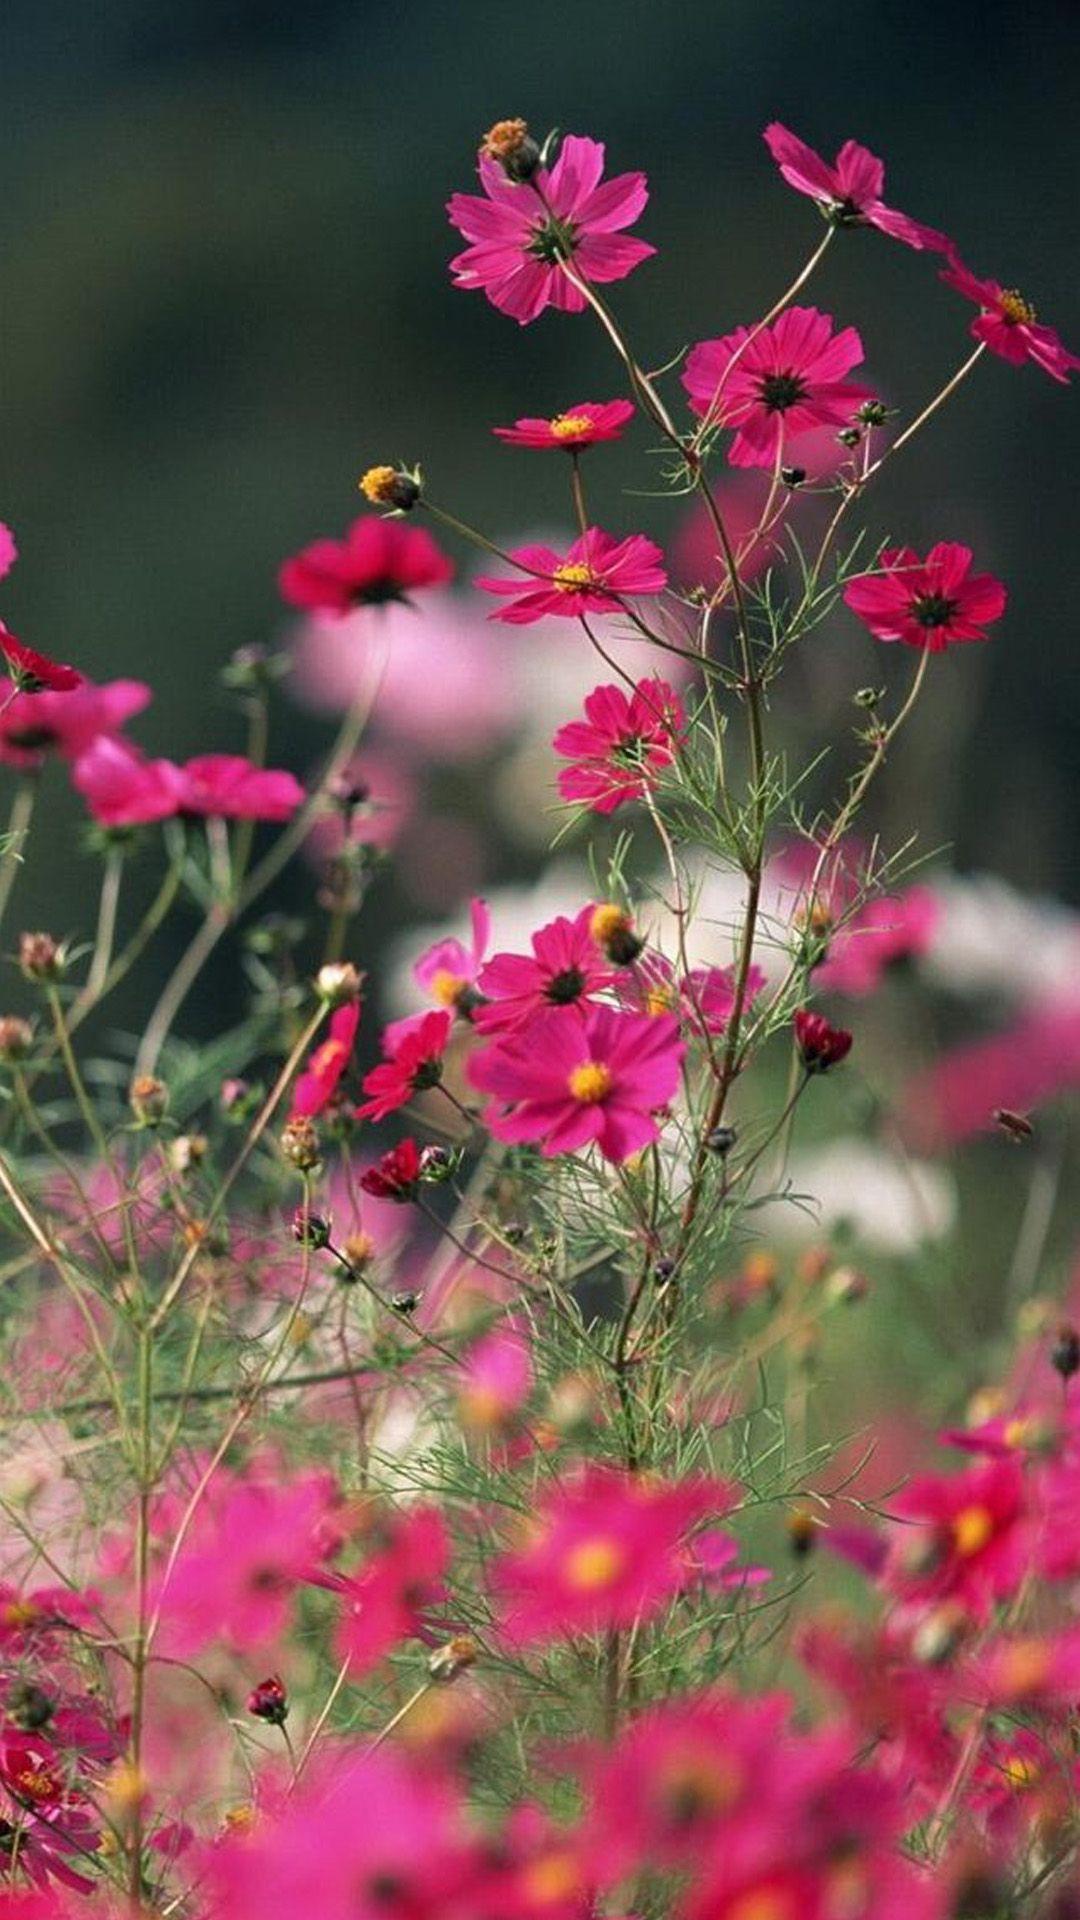 Nature Little Pink Flower Branch IPhone 6 Wallpaper